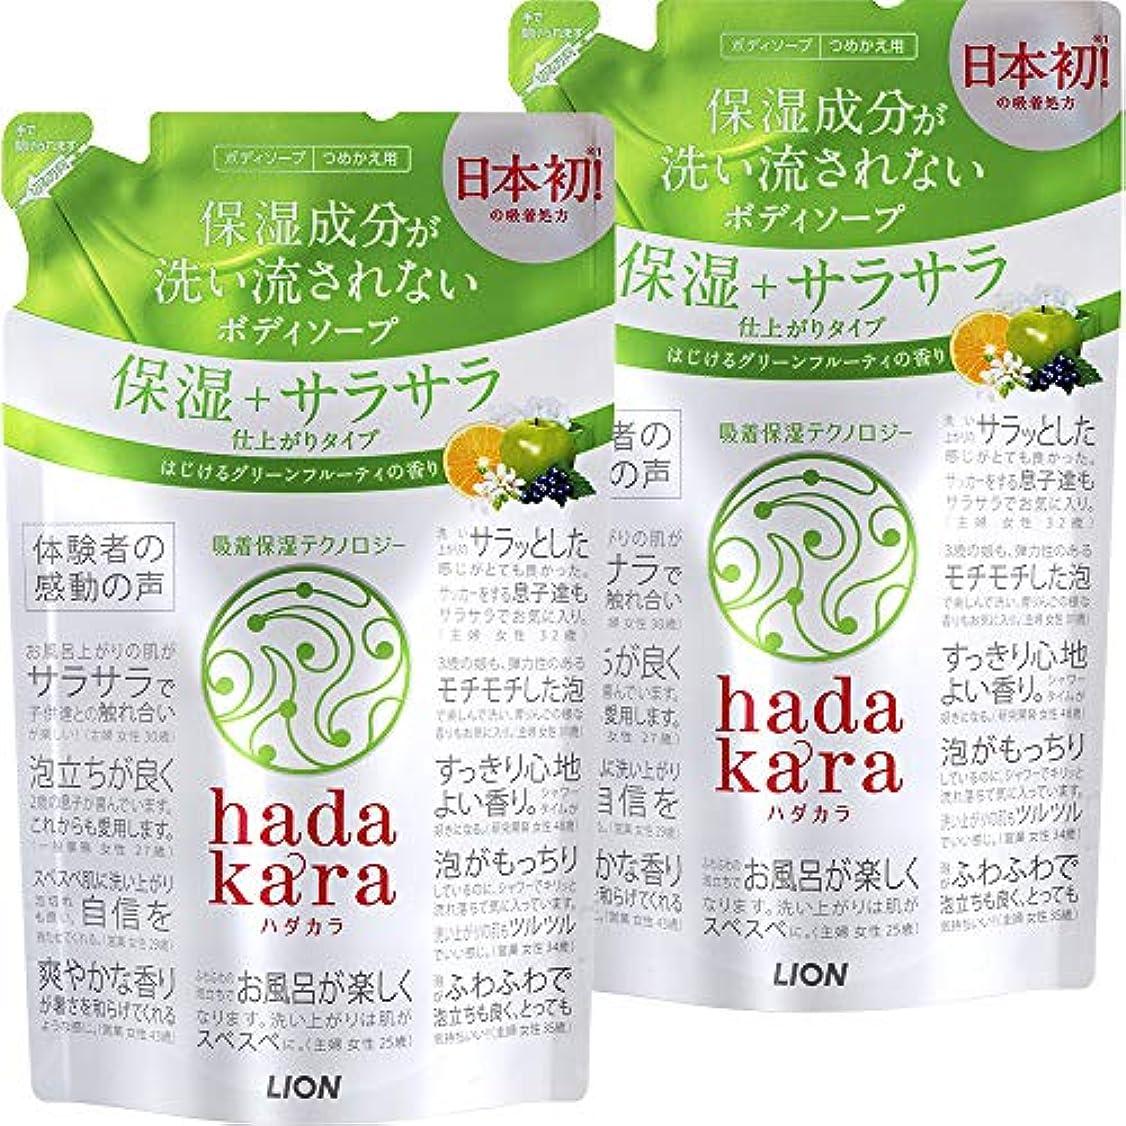 記述するピボット多用途【まとめ買い】hadakara(ハダカラ) ボディソープ 保湿+サラサラ仕上がりタイプ グリーンフルーティの香り 詰め替え 340ml×2個パック